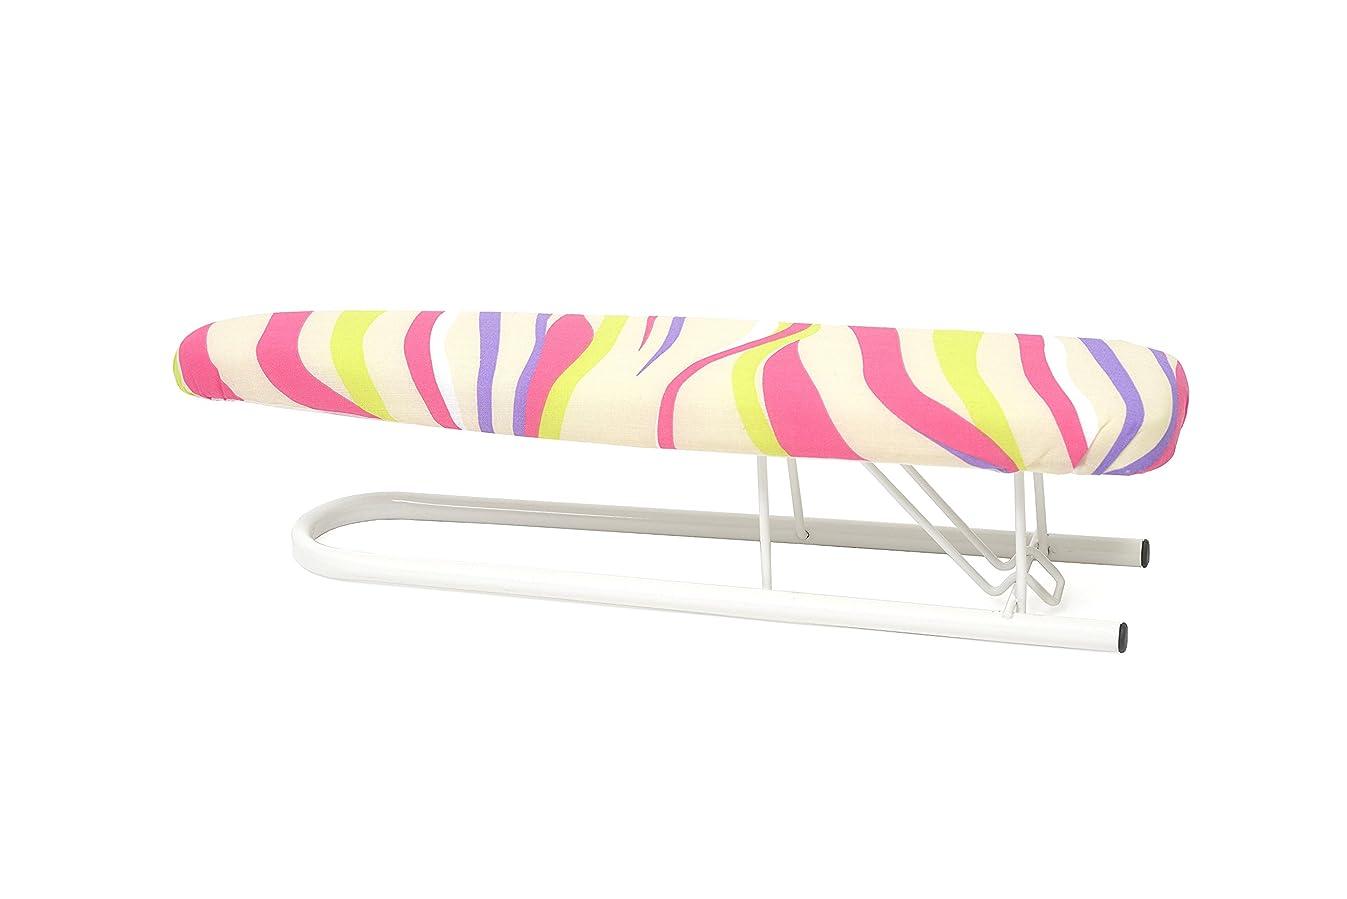 Lelit PA062 Universal Jeanette Sleeve Ironing Board by LELIT